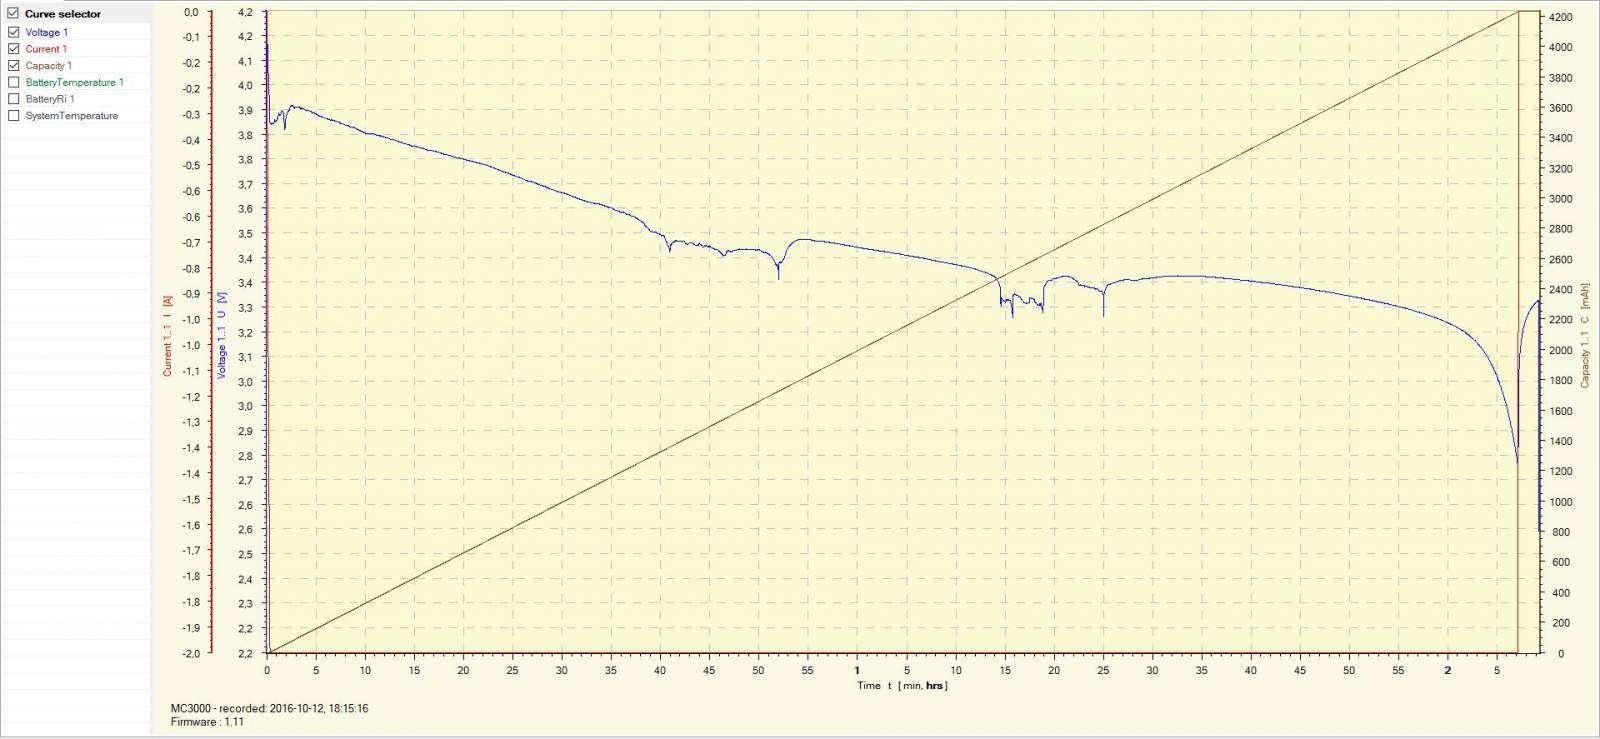 GearBest: Обзор и тестирование высокотоковых аккумуляторов 26650 AWT 4500mAh 75A - желтые